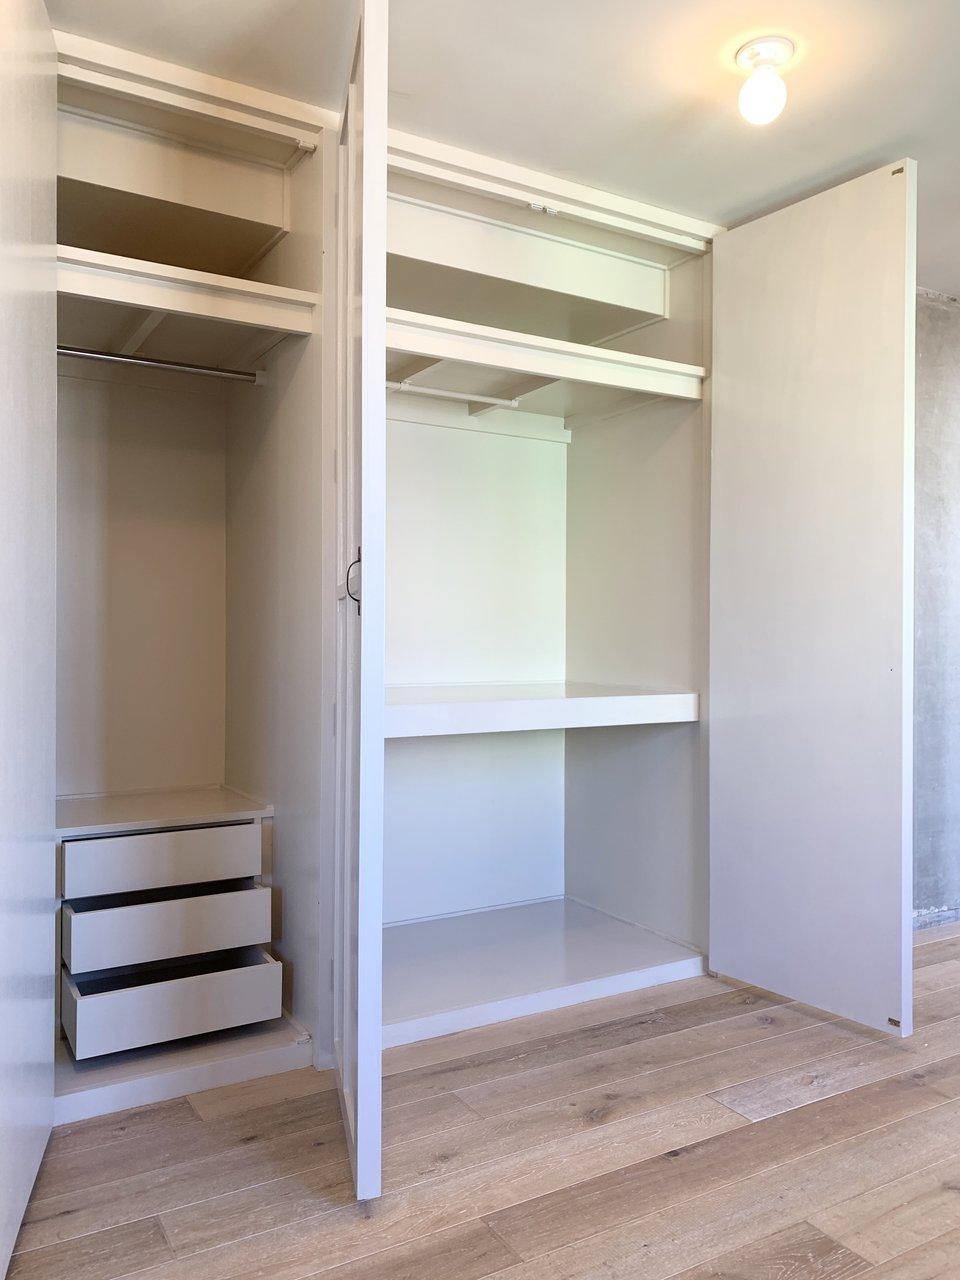 大きな収納スペースもちゃんとありますよ。奥行きもしっかりあって、小分けもされているから、新たにクリアケースなどはほとんど必要ありません。閉じても部屋のデザイン性を損なわないアンティークな扉が。圧迫感もなく、たくさんのものを収納できる、優秀デザイン!